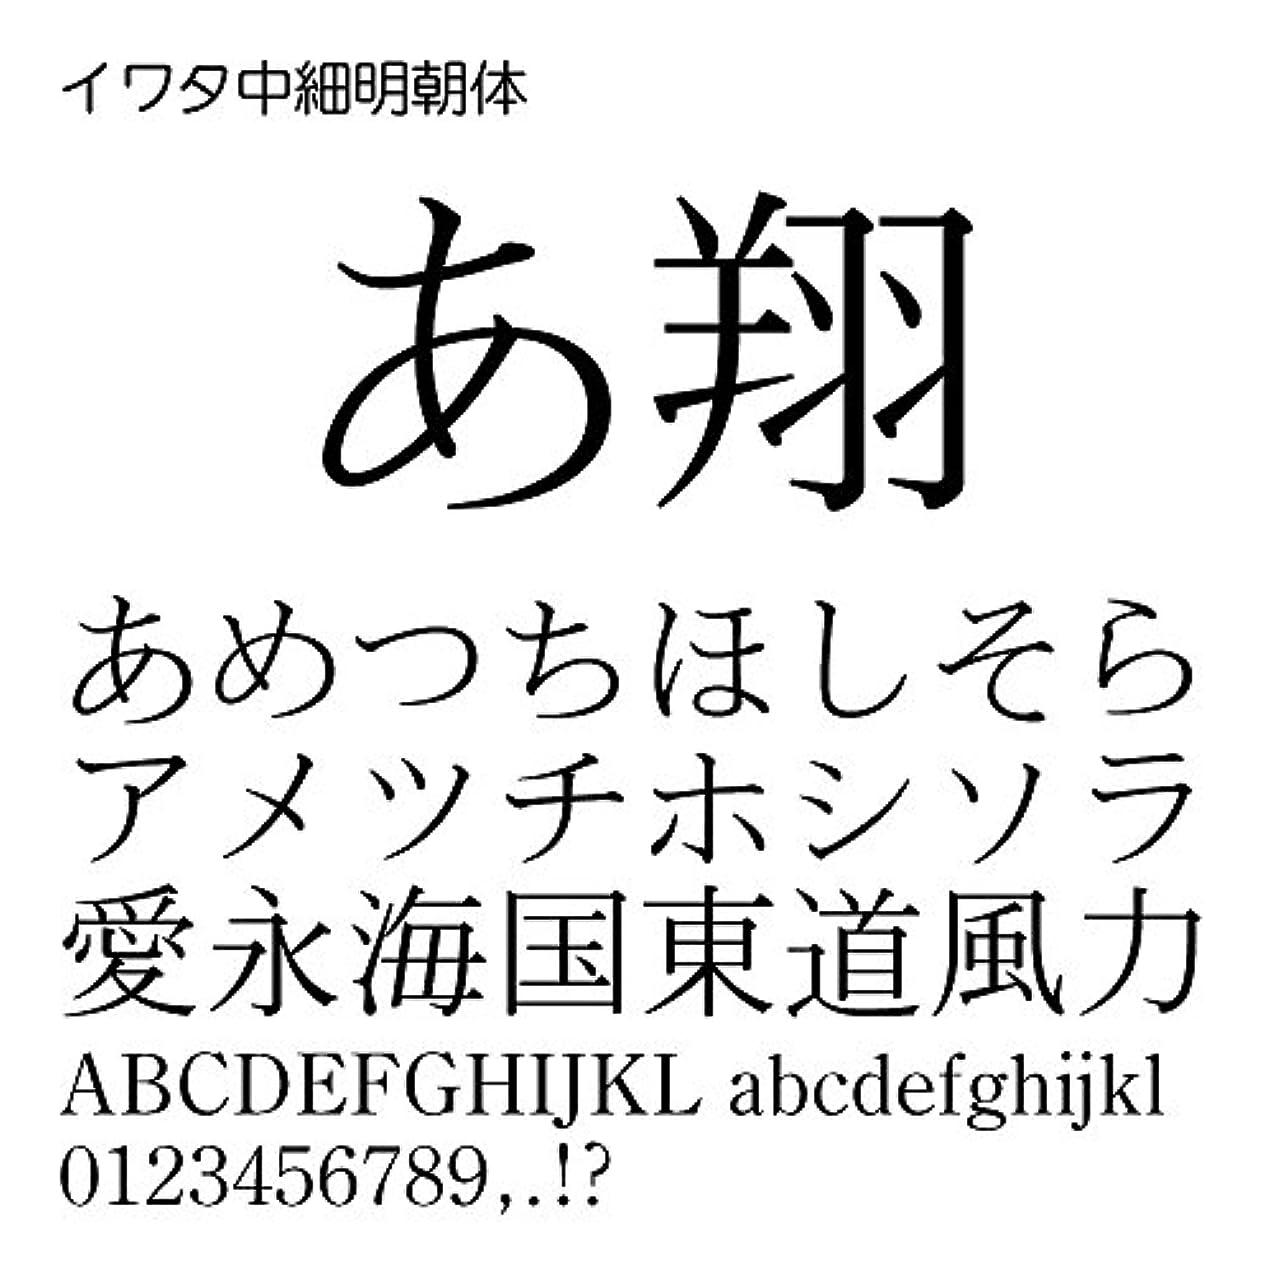 イワタ中細明朝体Std OpenType Font for Windows [ダウンロード]